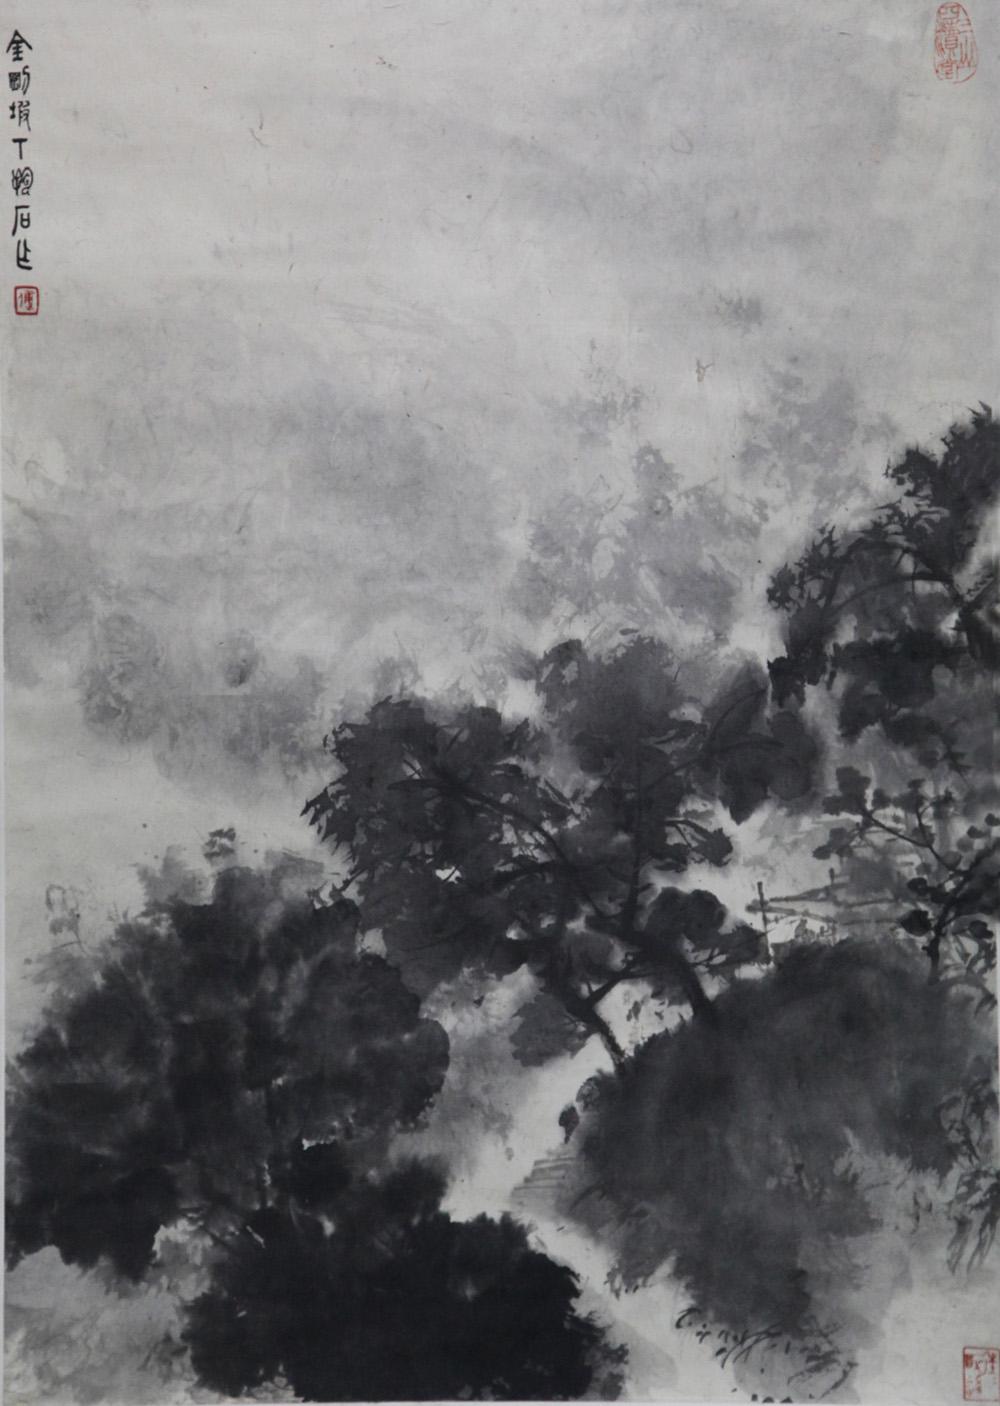 密树浓阴中的庭院书斋,高士林和靖梅妻鹤子志向高洁,不失为傅抱石难得